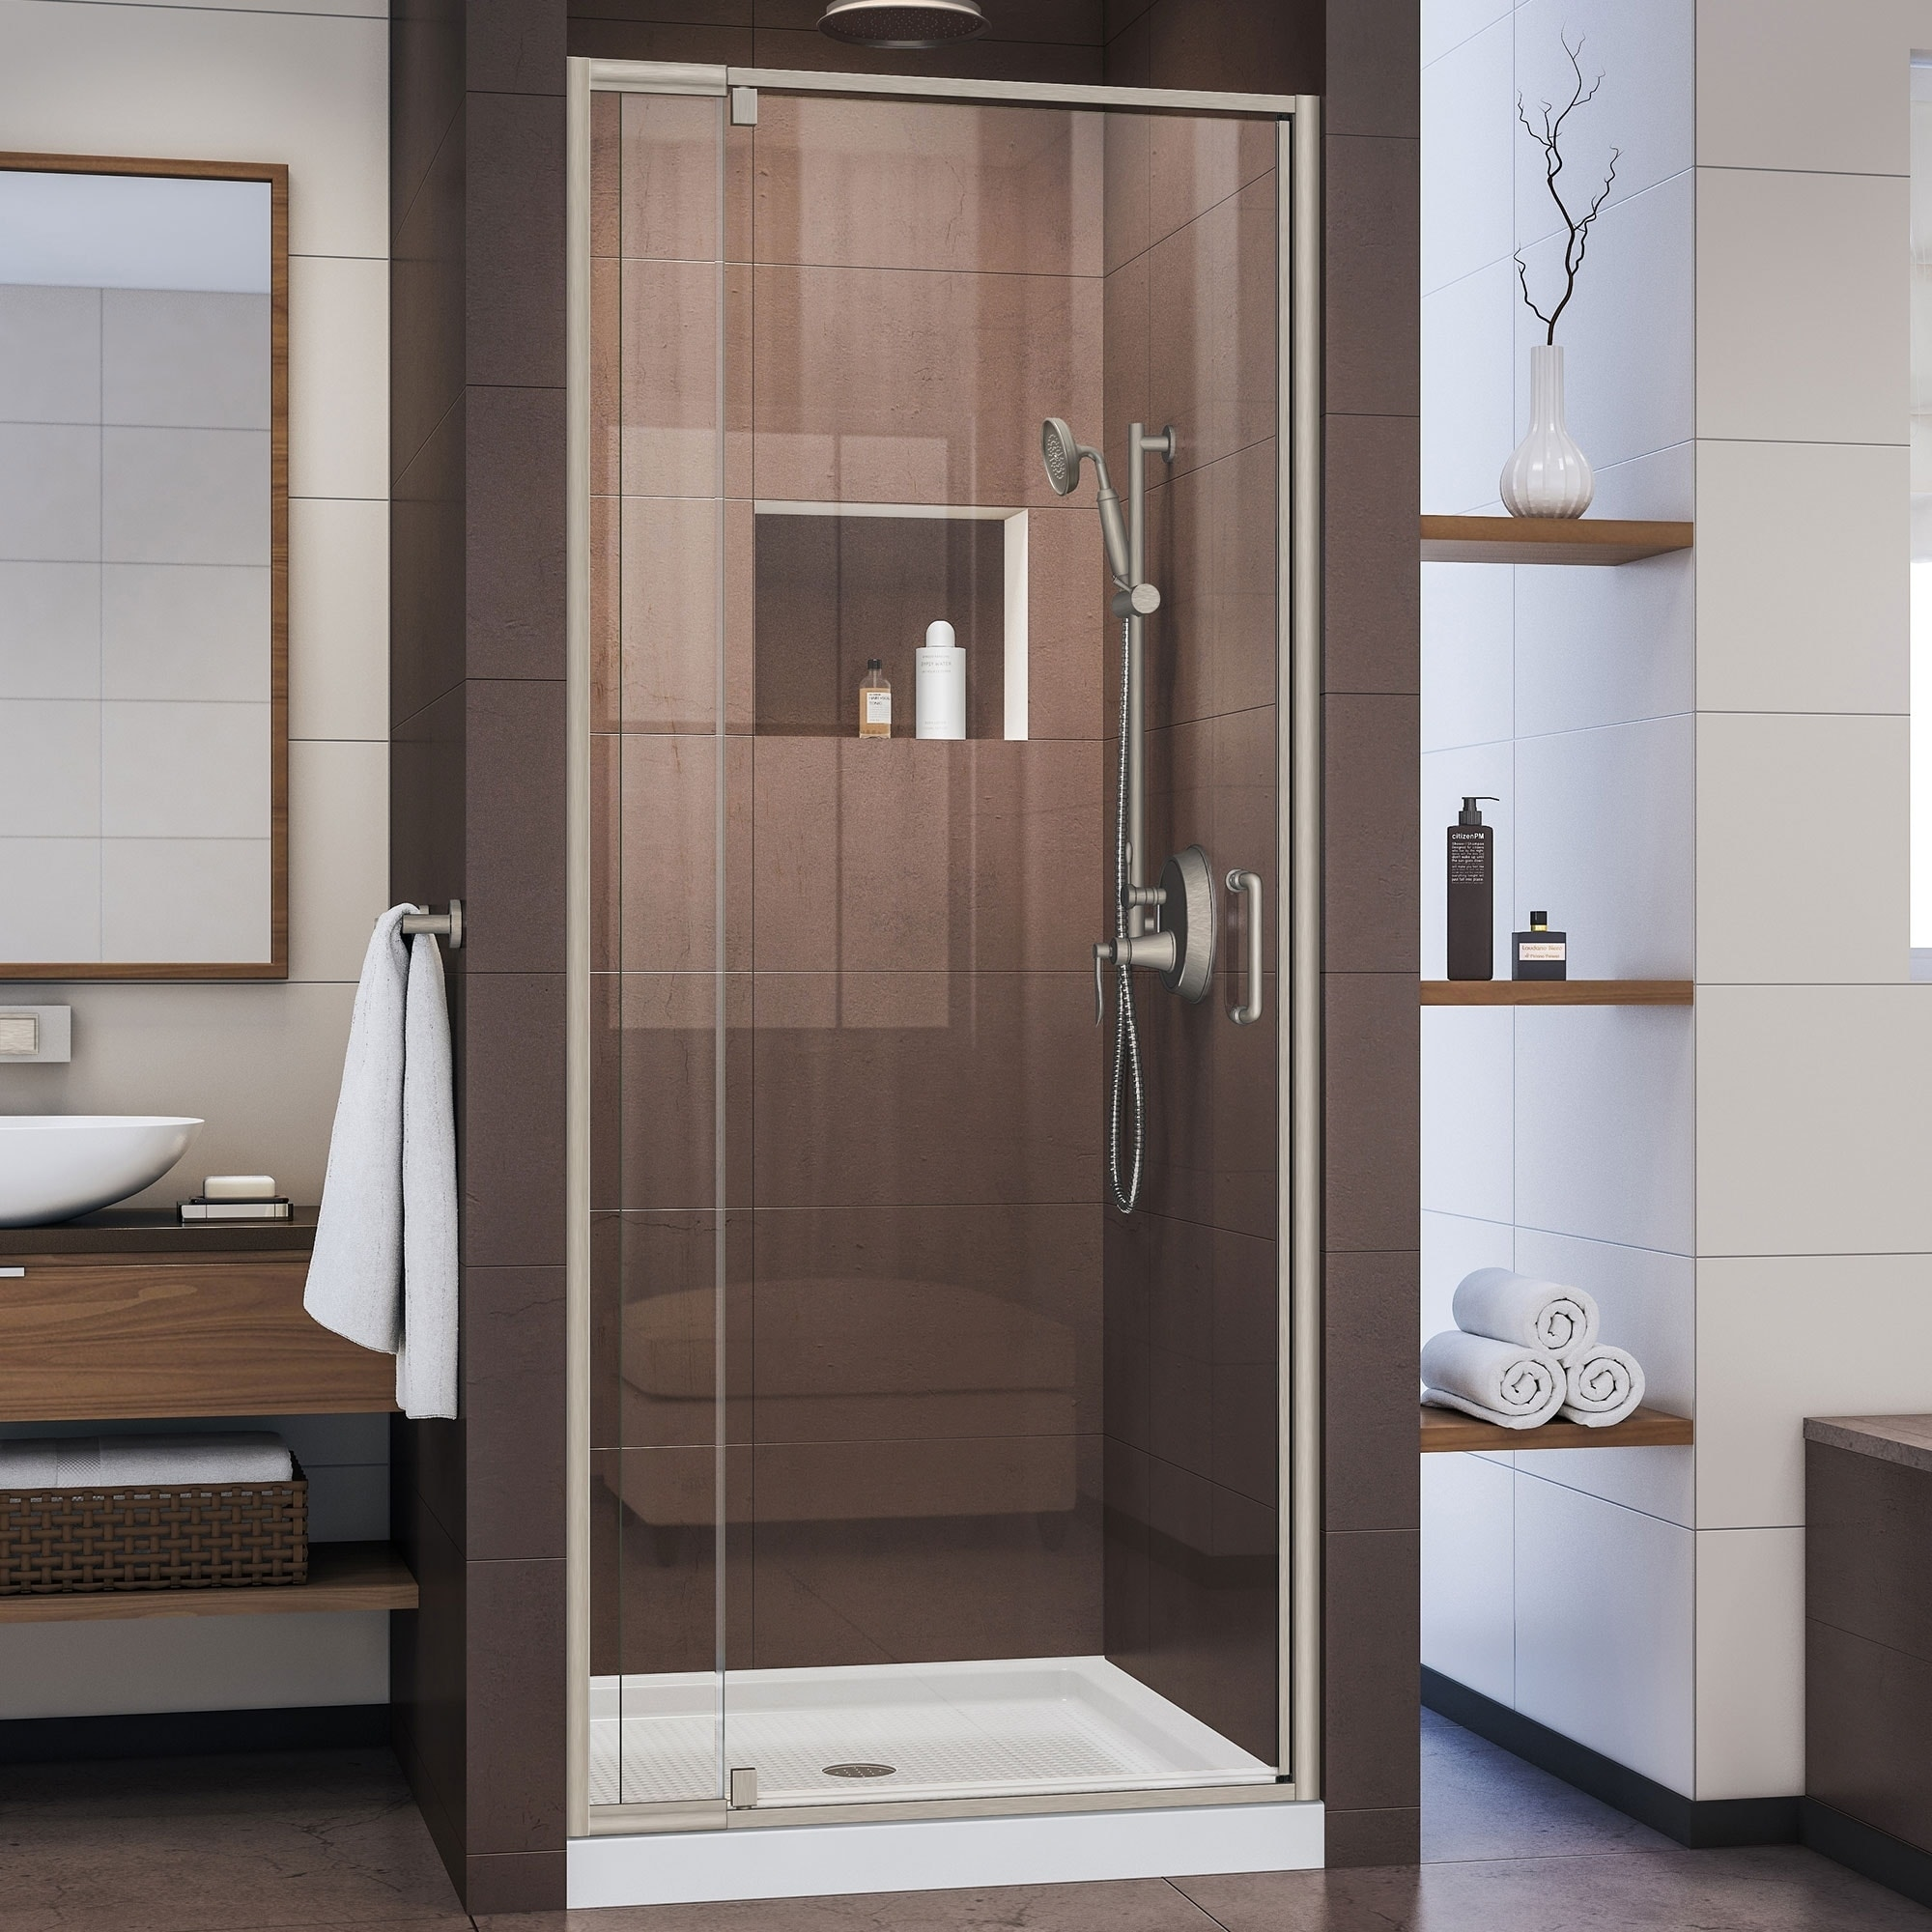 Dreamline Flex 28 32 In W X 72 In H Semi Frameless Pivot Shower Door 28 32 W